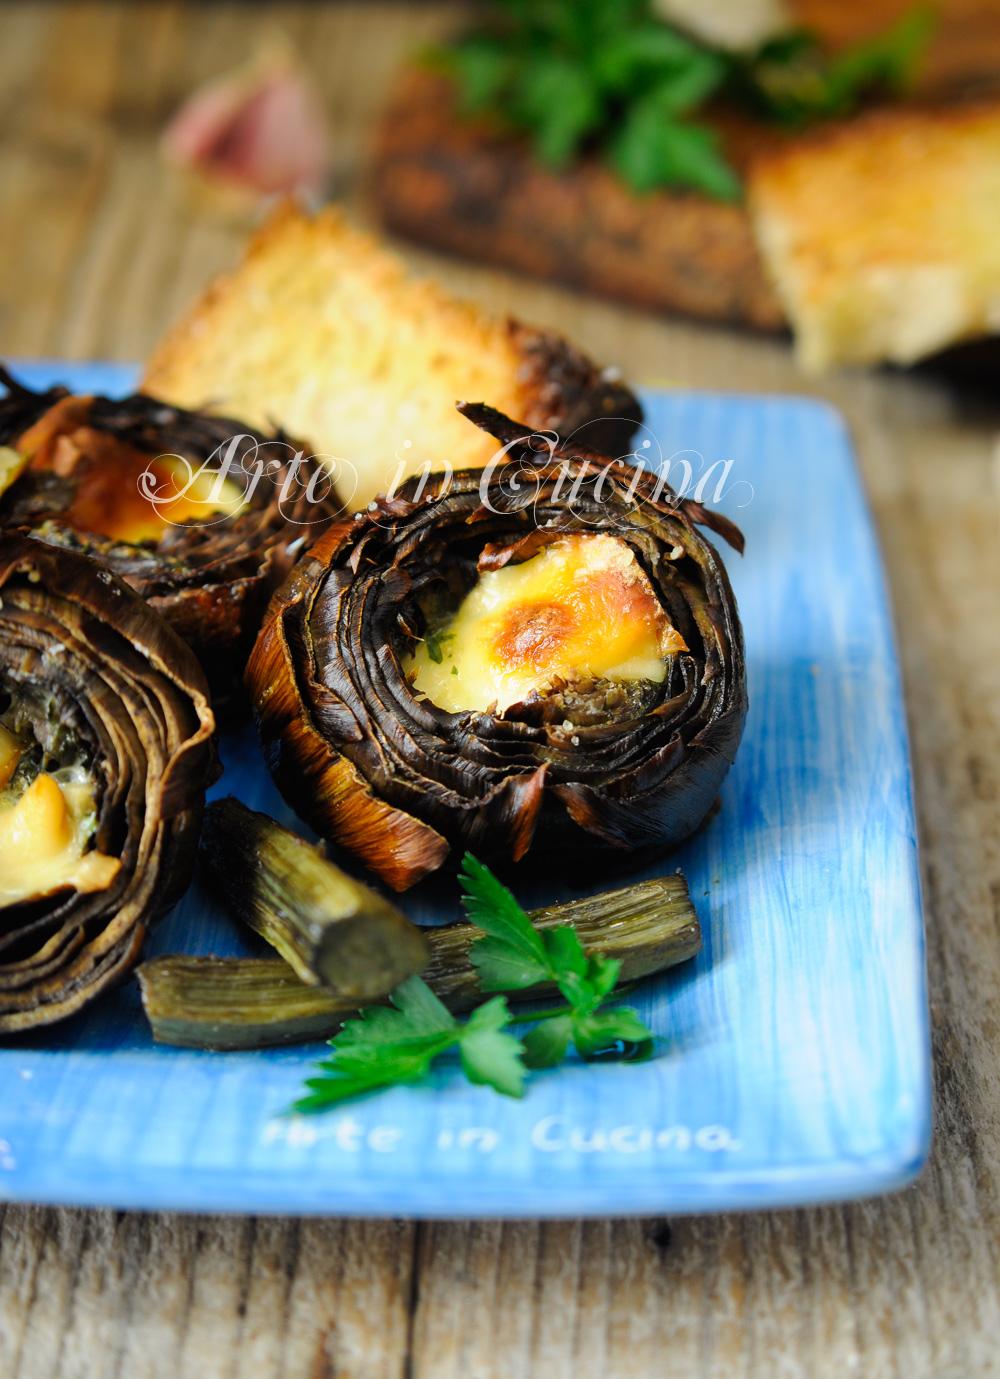 Carciofi al forno ripieni ricetta facile e veloce vickyart arte in cucina